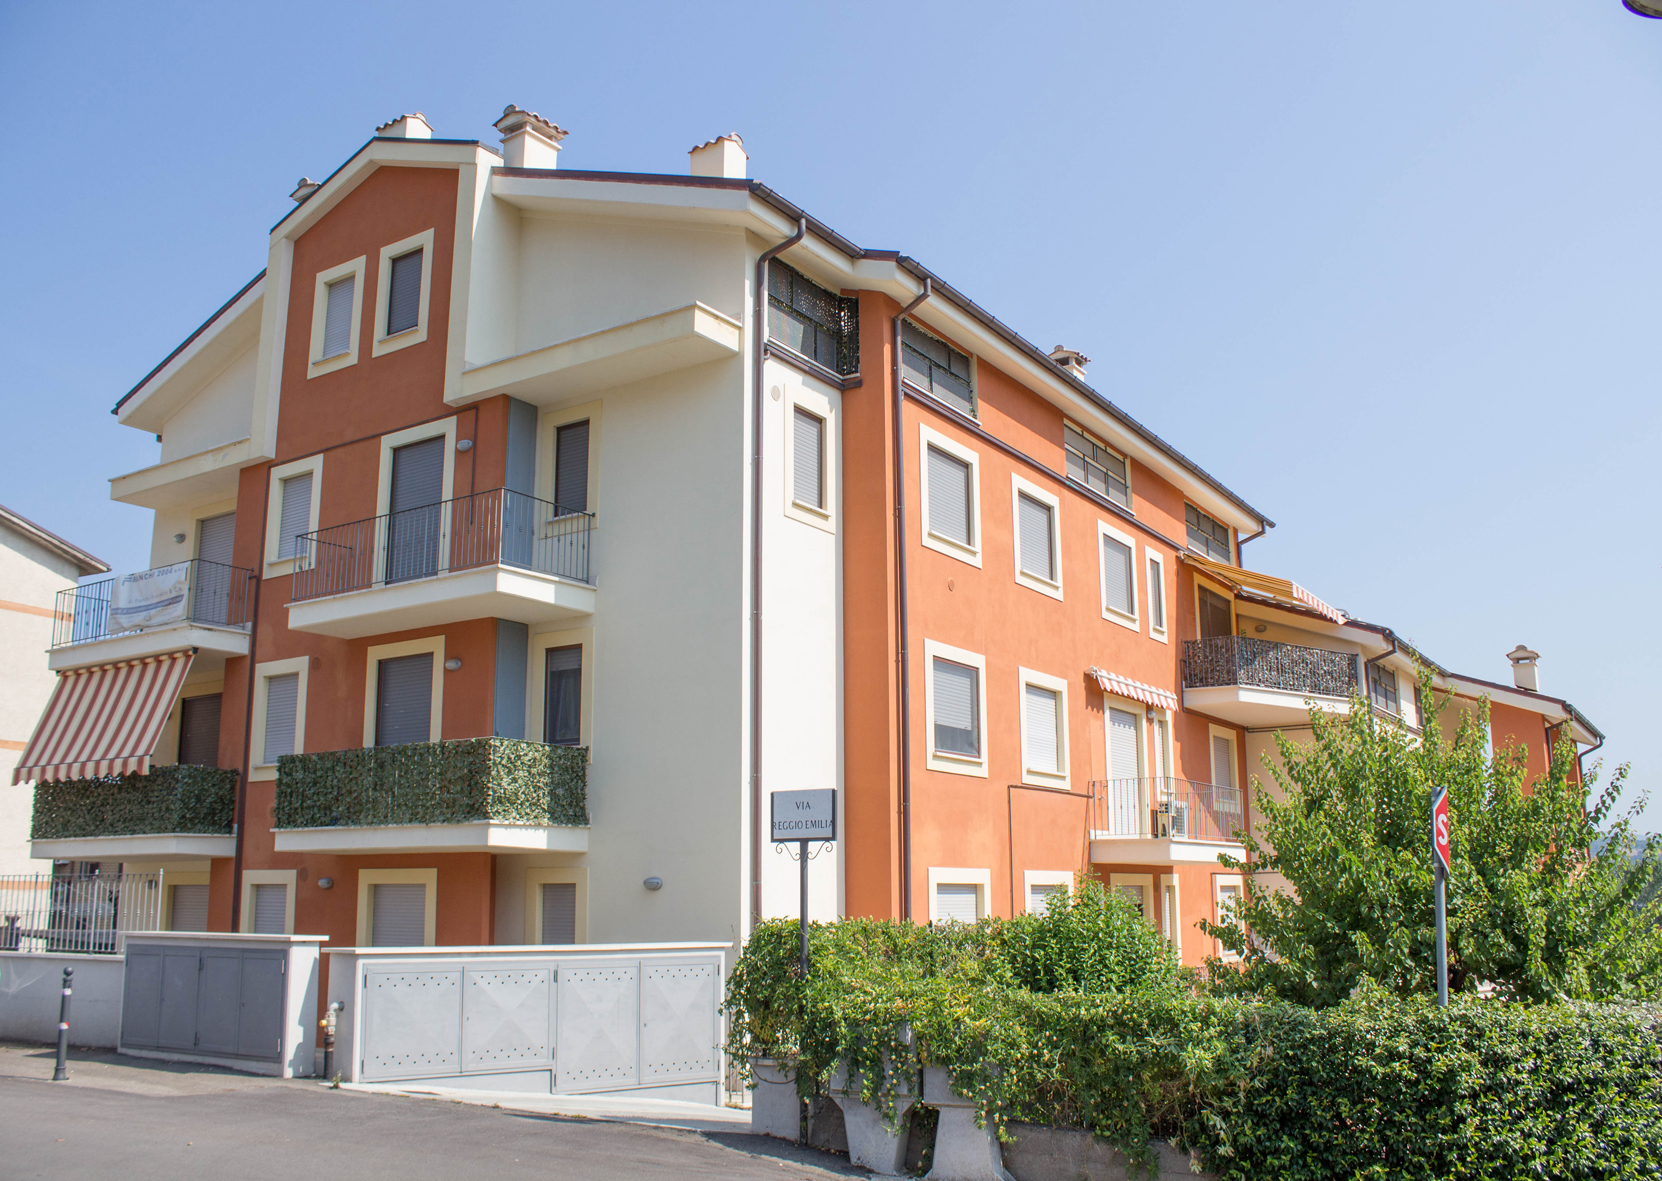 Appartamento in vendita a Orte, 2 locali, zona Località: OrteScalo, prezzo € 105.000 | CambioCasa.it